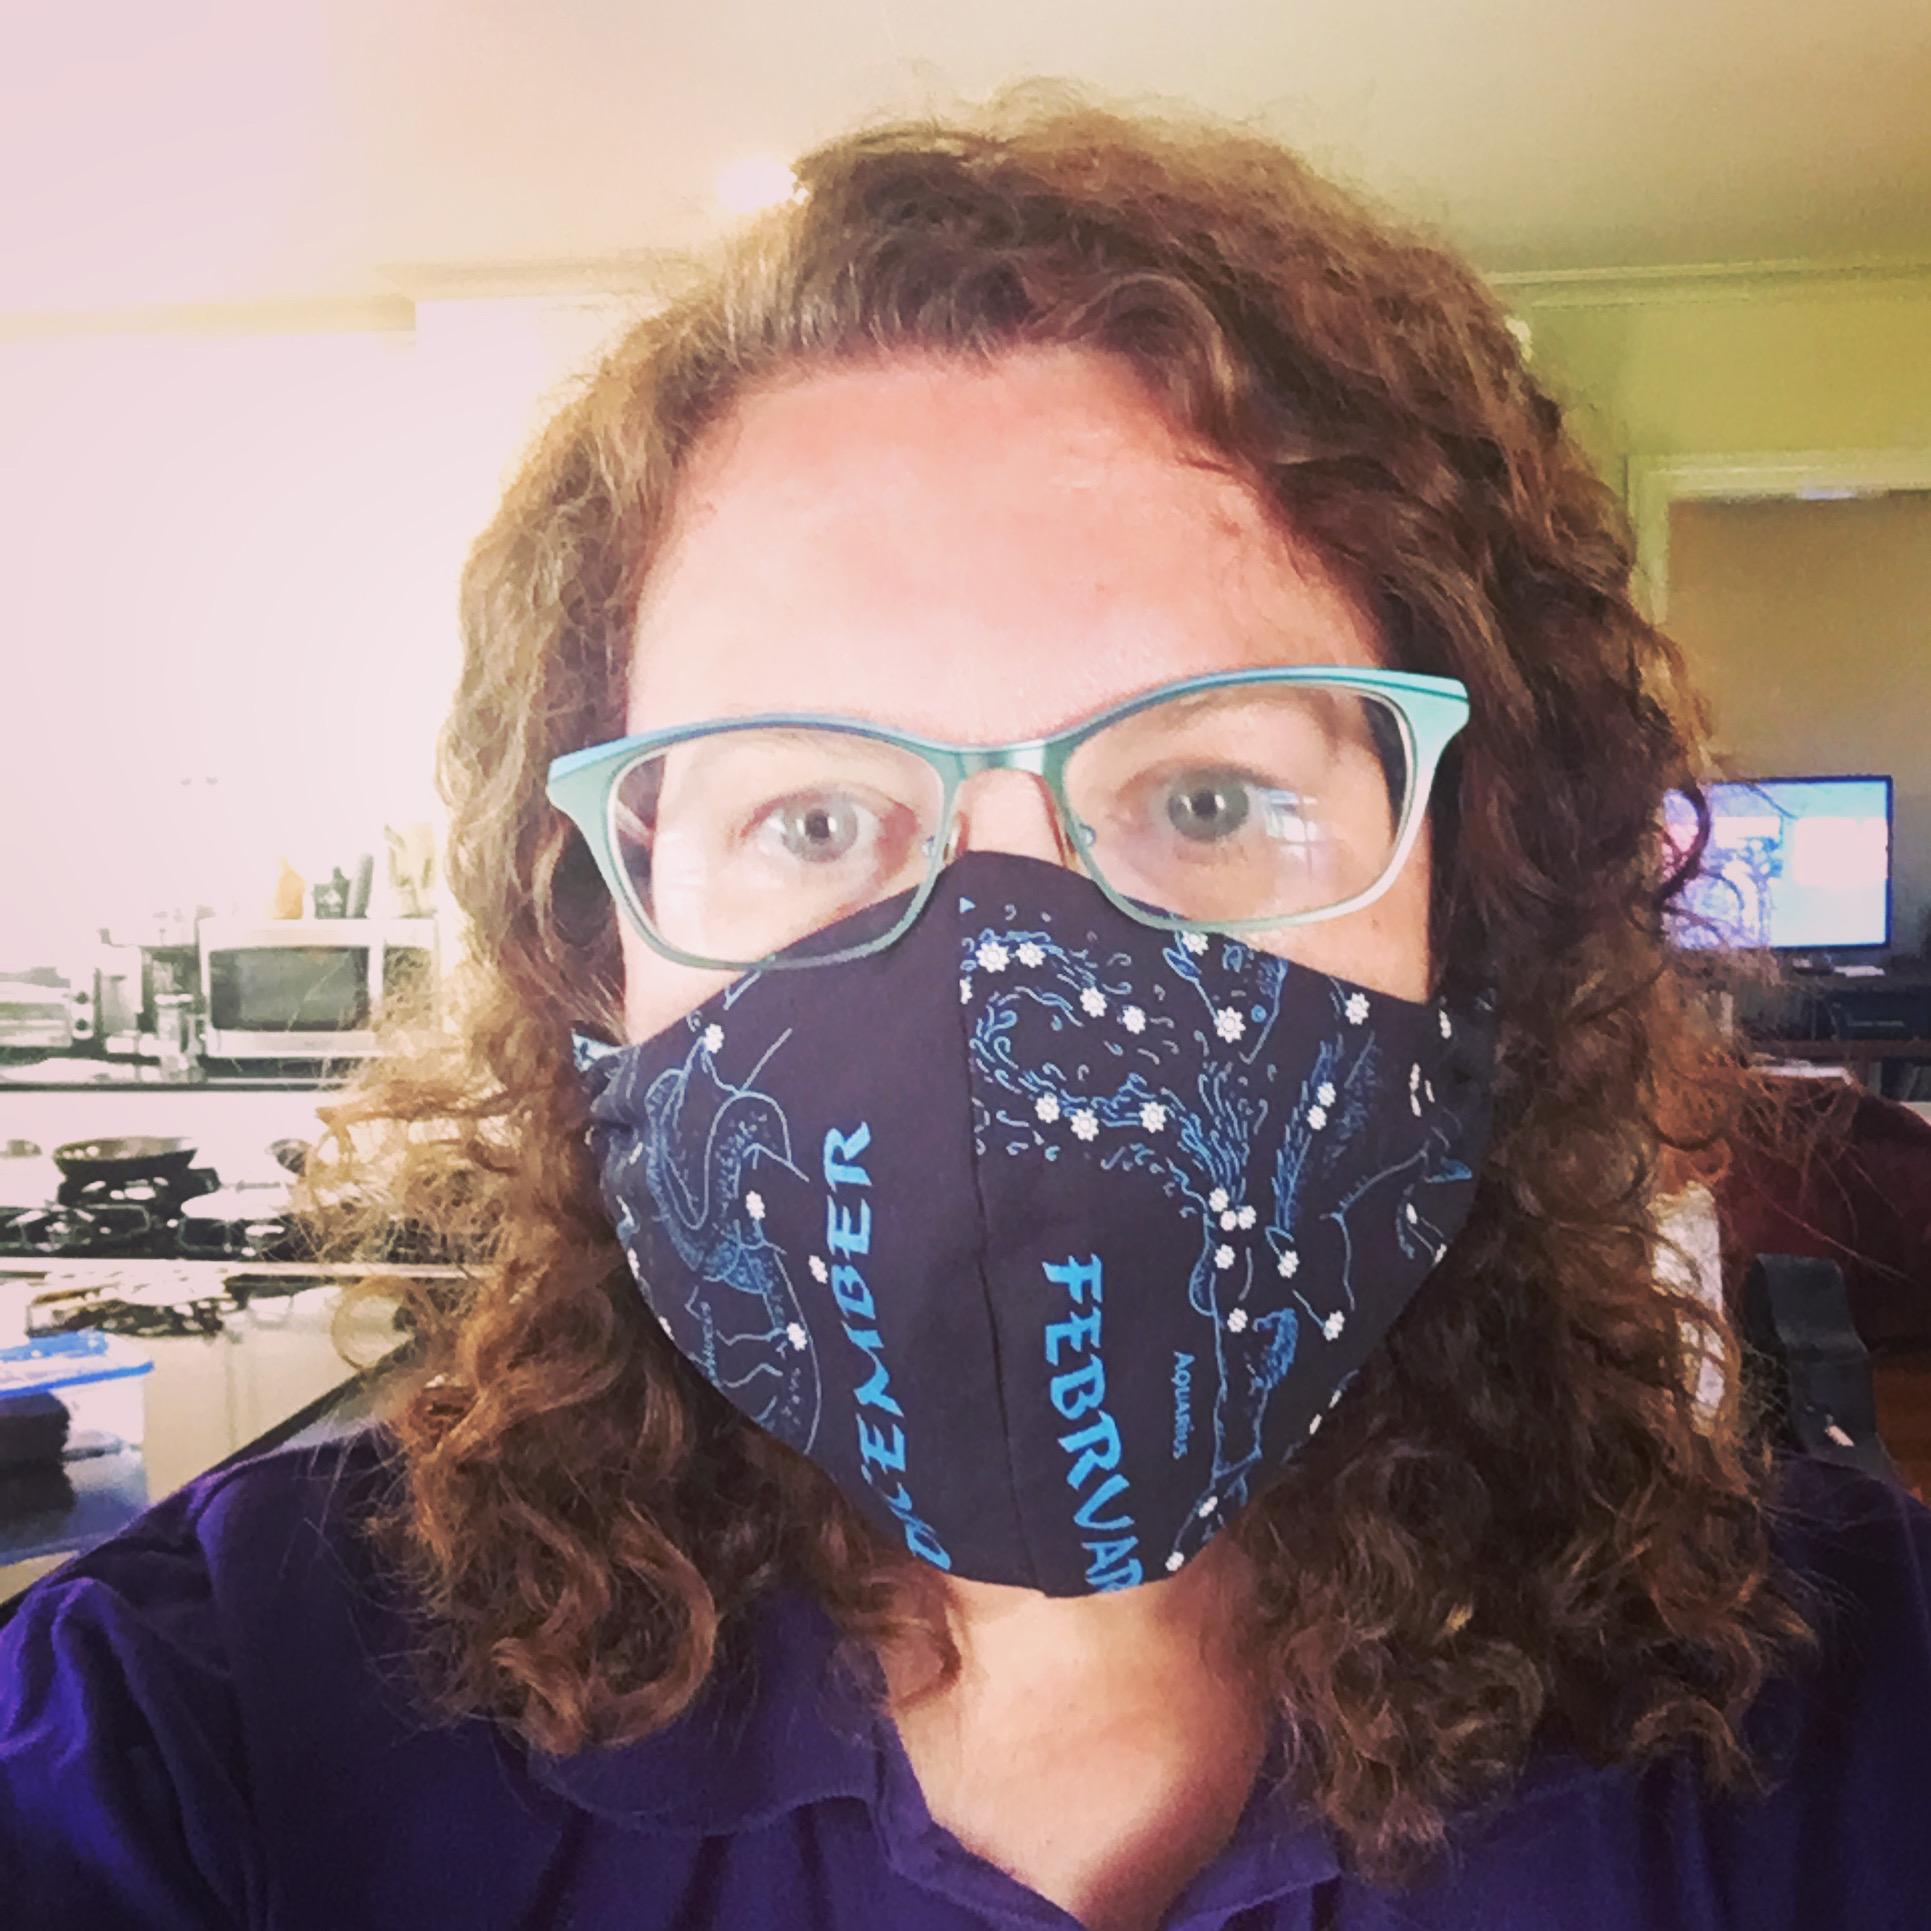 Leslie wearing a mask